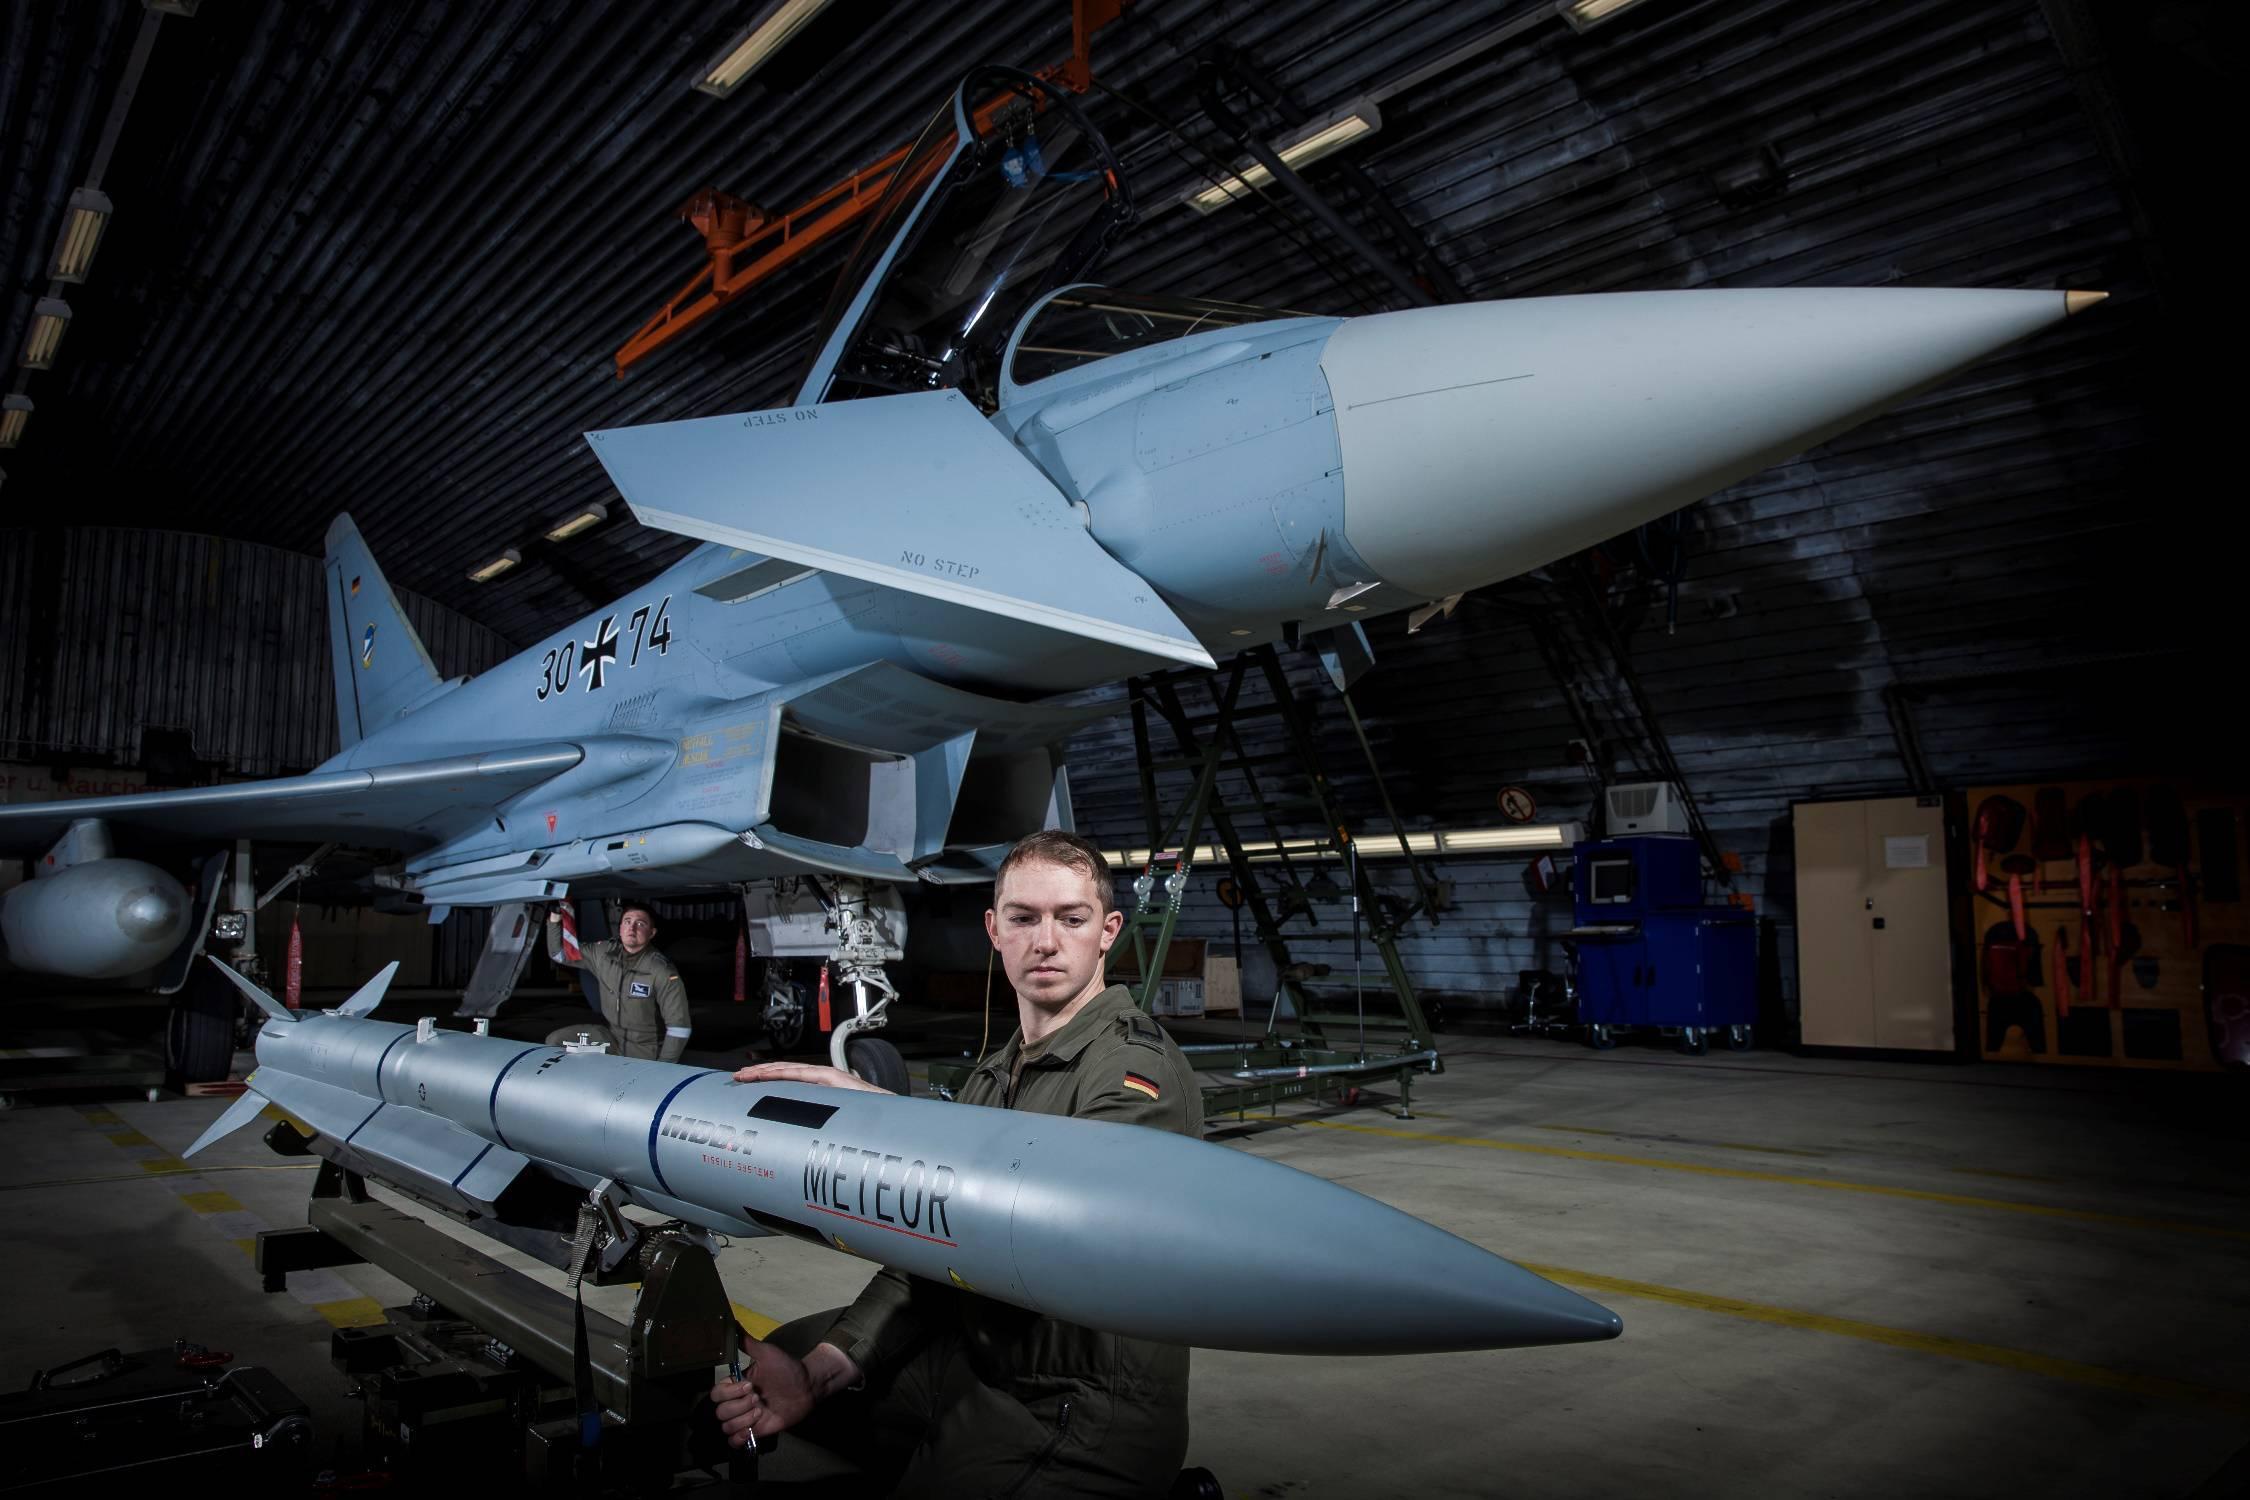 Meteor on Eurofighter Typhoon. German Air Force